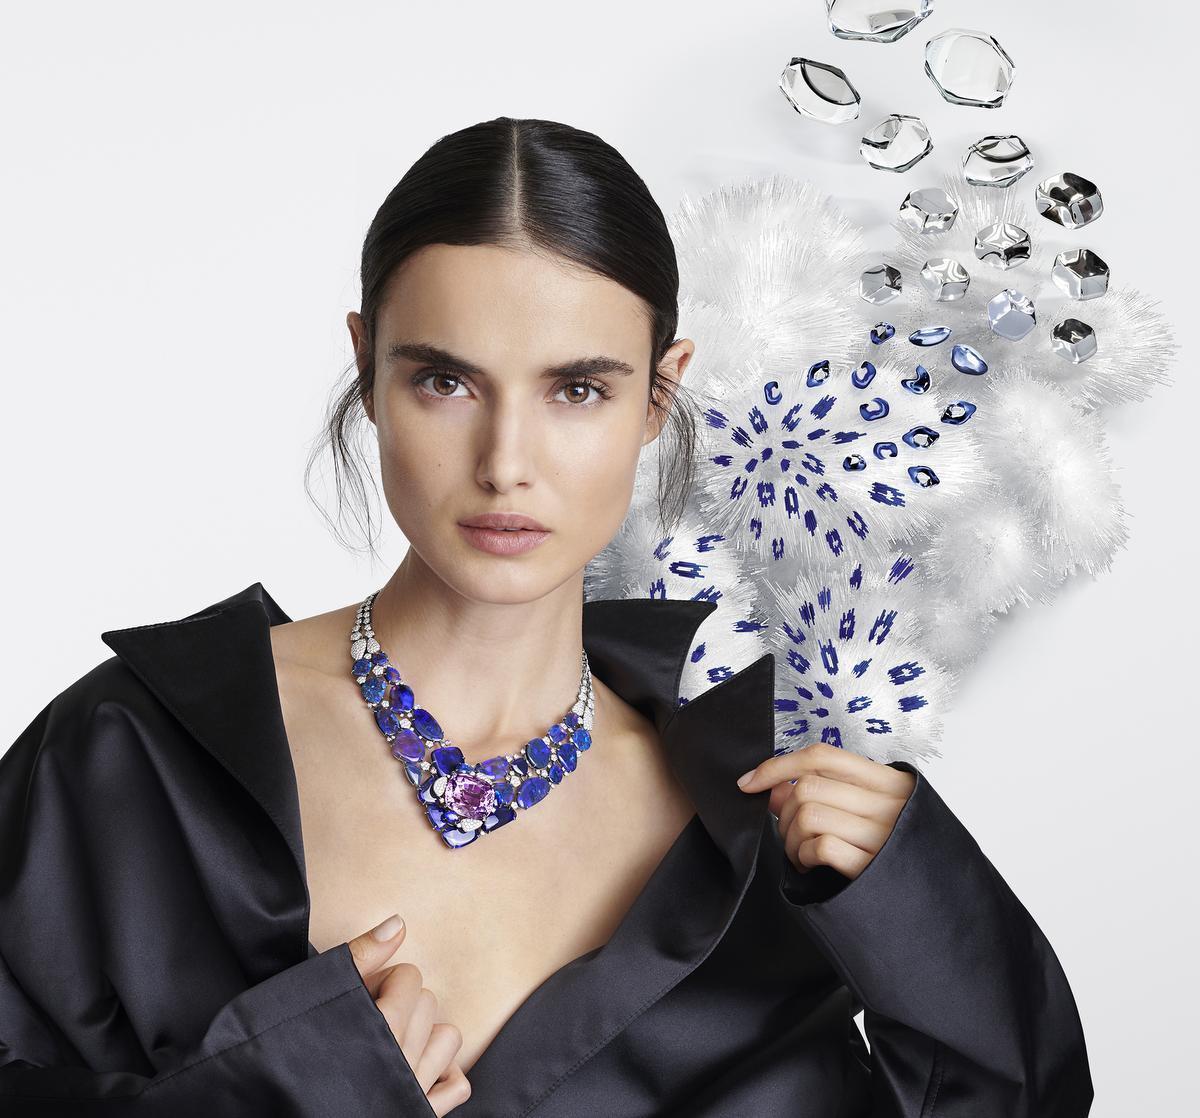 Symfonie van paarsblauw en violet. Halssnoer uit de nieuwste collectie van Cartier. Creatie in platinum, met een grote violetkleurige kunziet van 71,08 karaat, opalen en witte en roze diamanten.